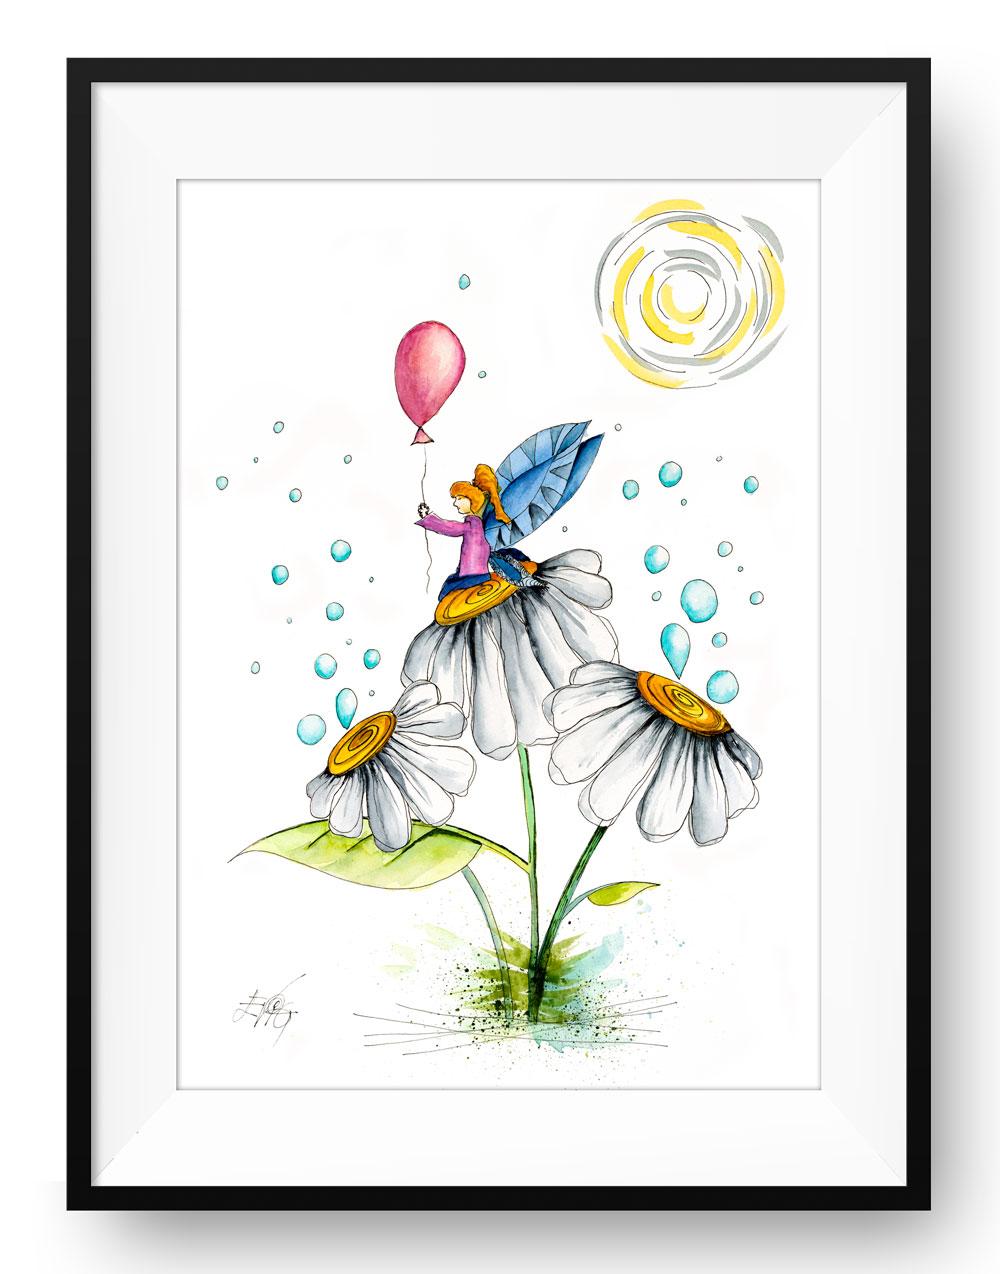 Blomster barn med ballon | Eva Vig